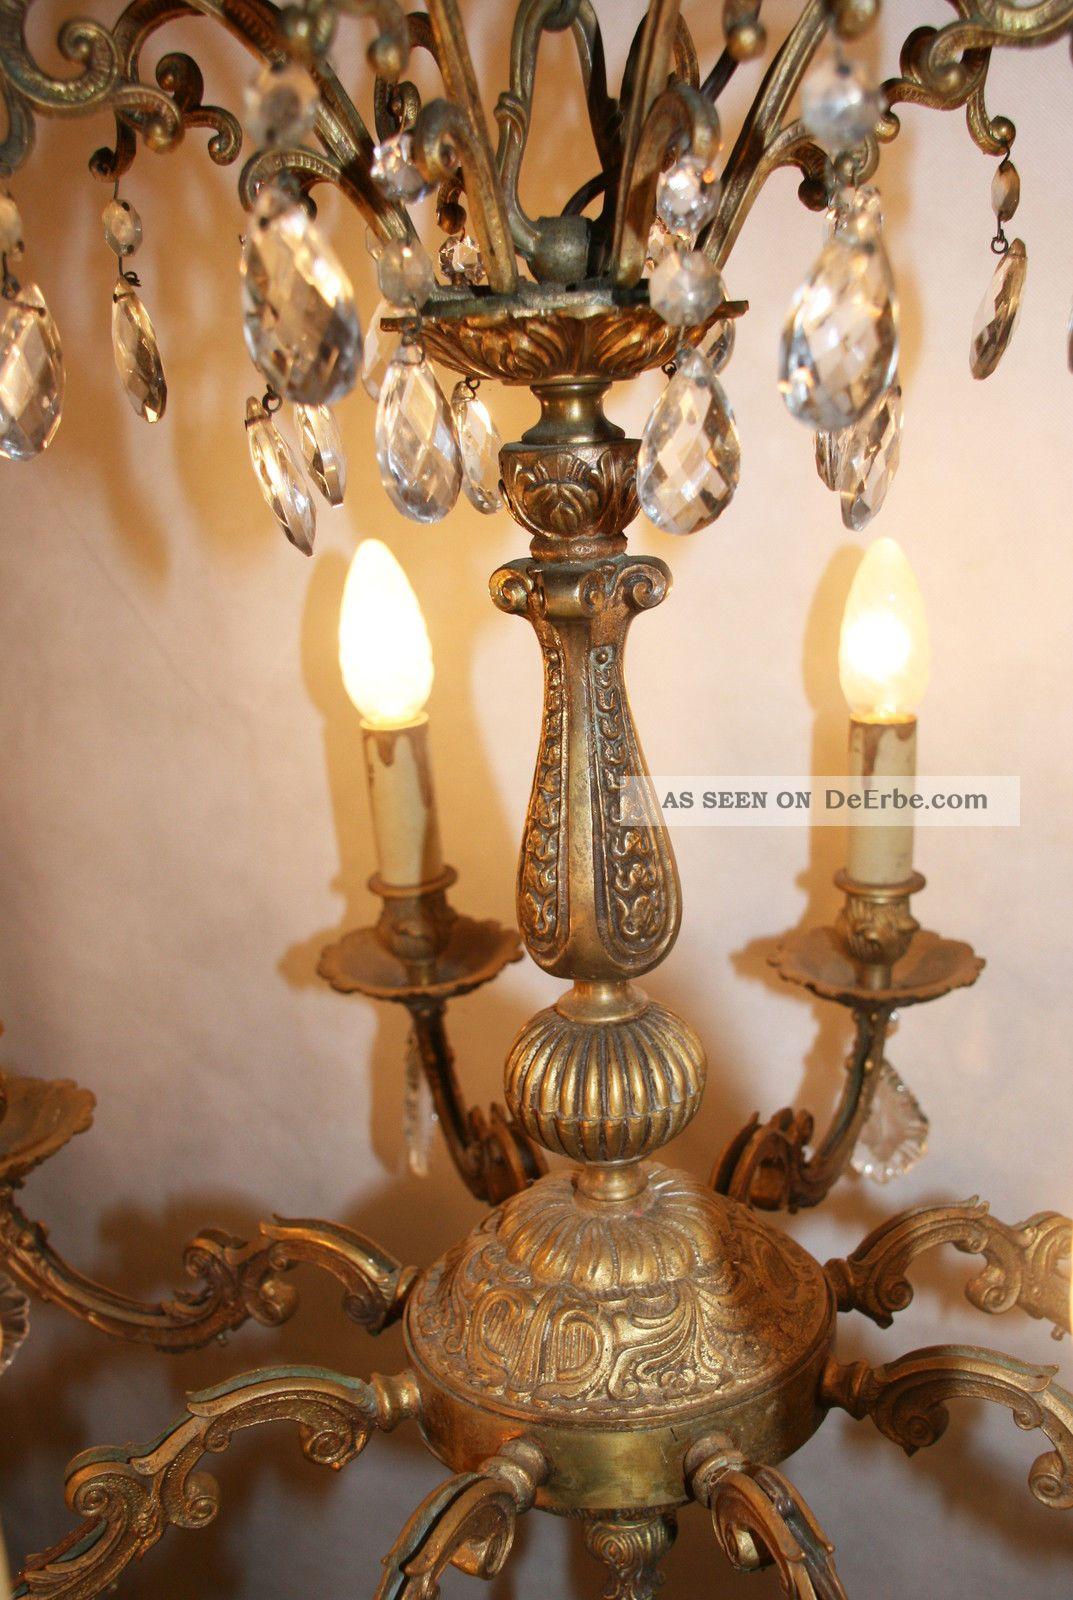 frankreich pr chtiger kristall kronleuchter 6 8 kg messing l ster lampe antik. Black Bedroom Furniture Sets. Home Design Ideas